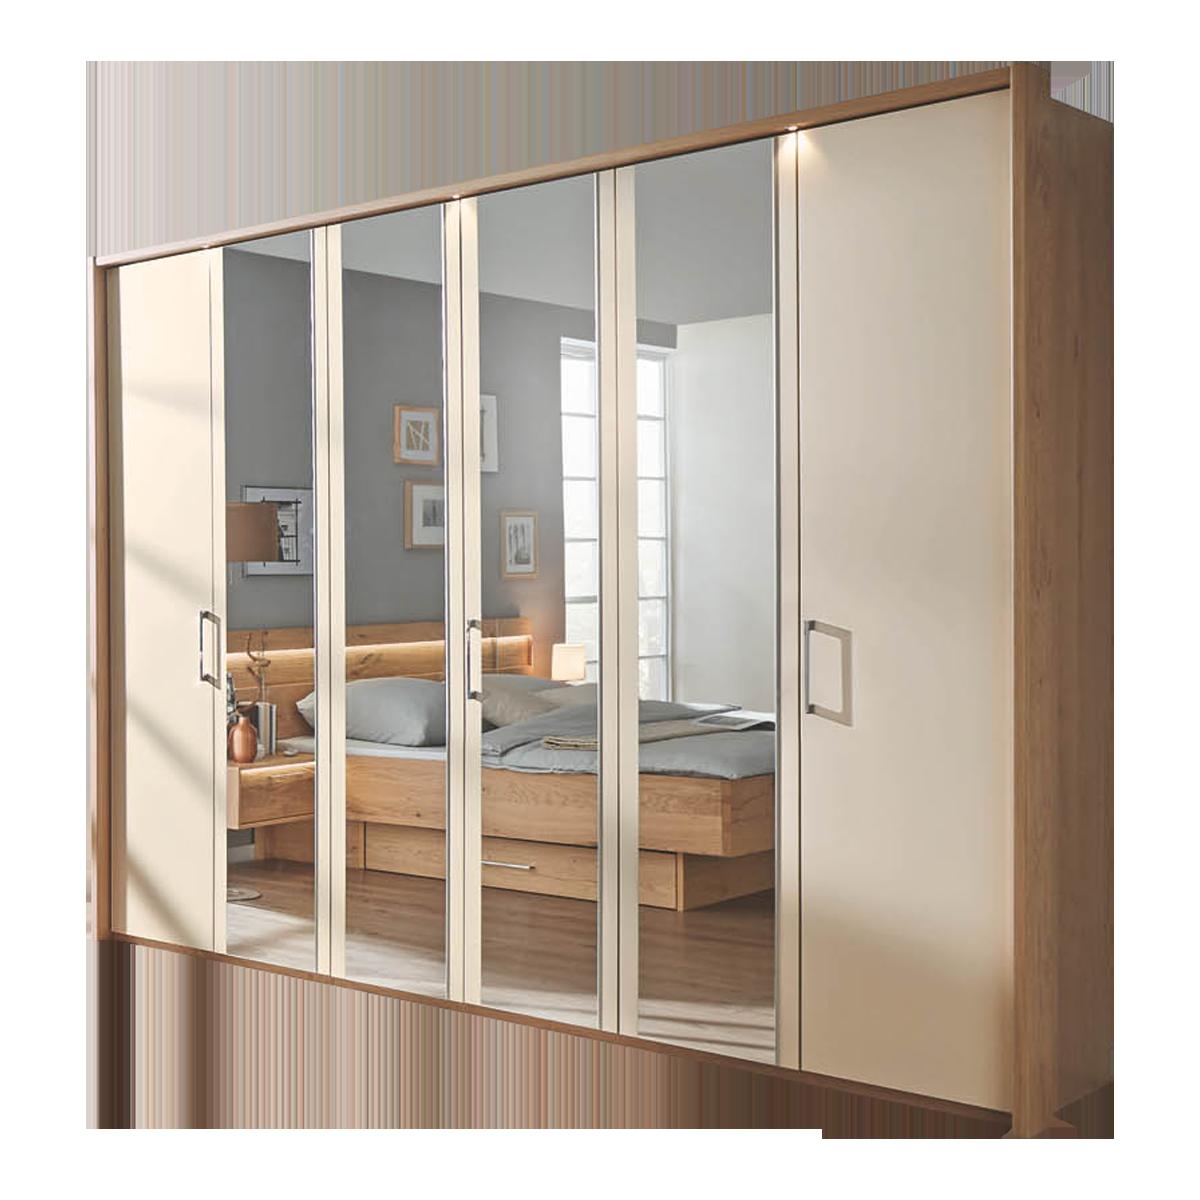 Disselkamp Cadiz Schlafzimmer Drehtürenkleiderschrank mit Spiegeltüen